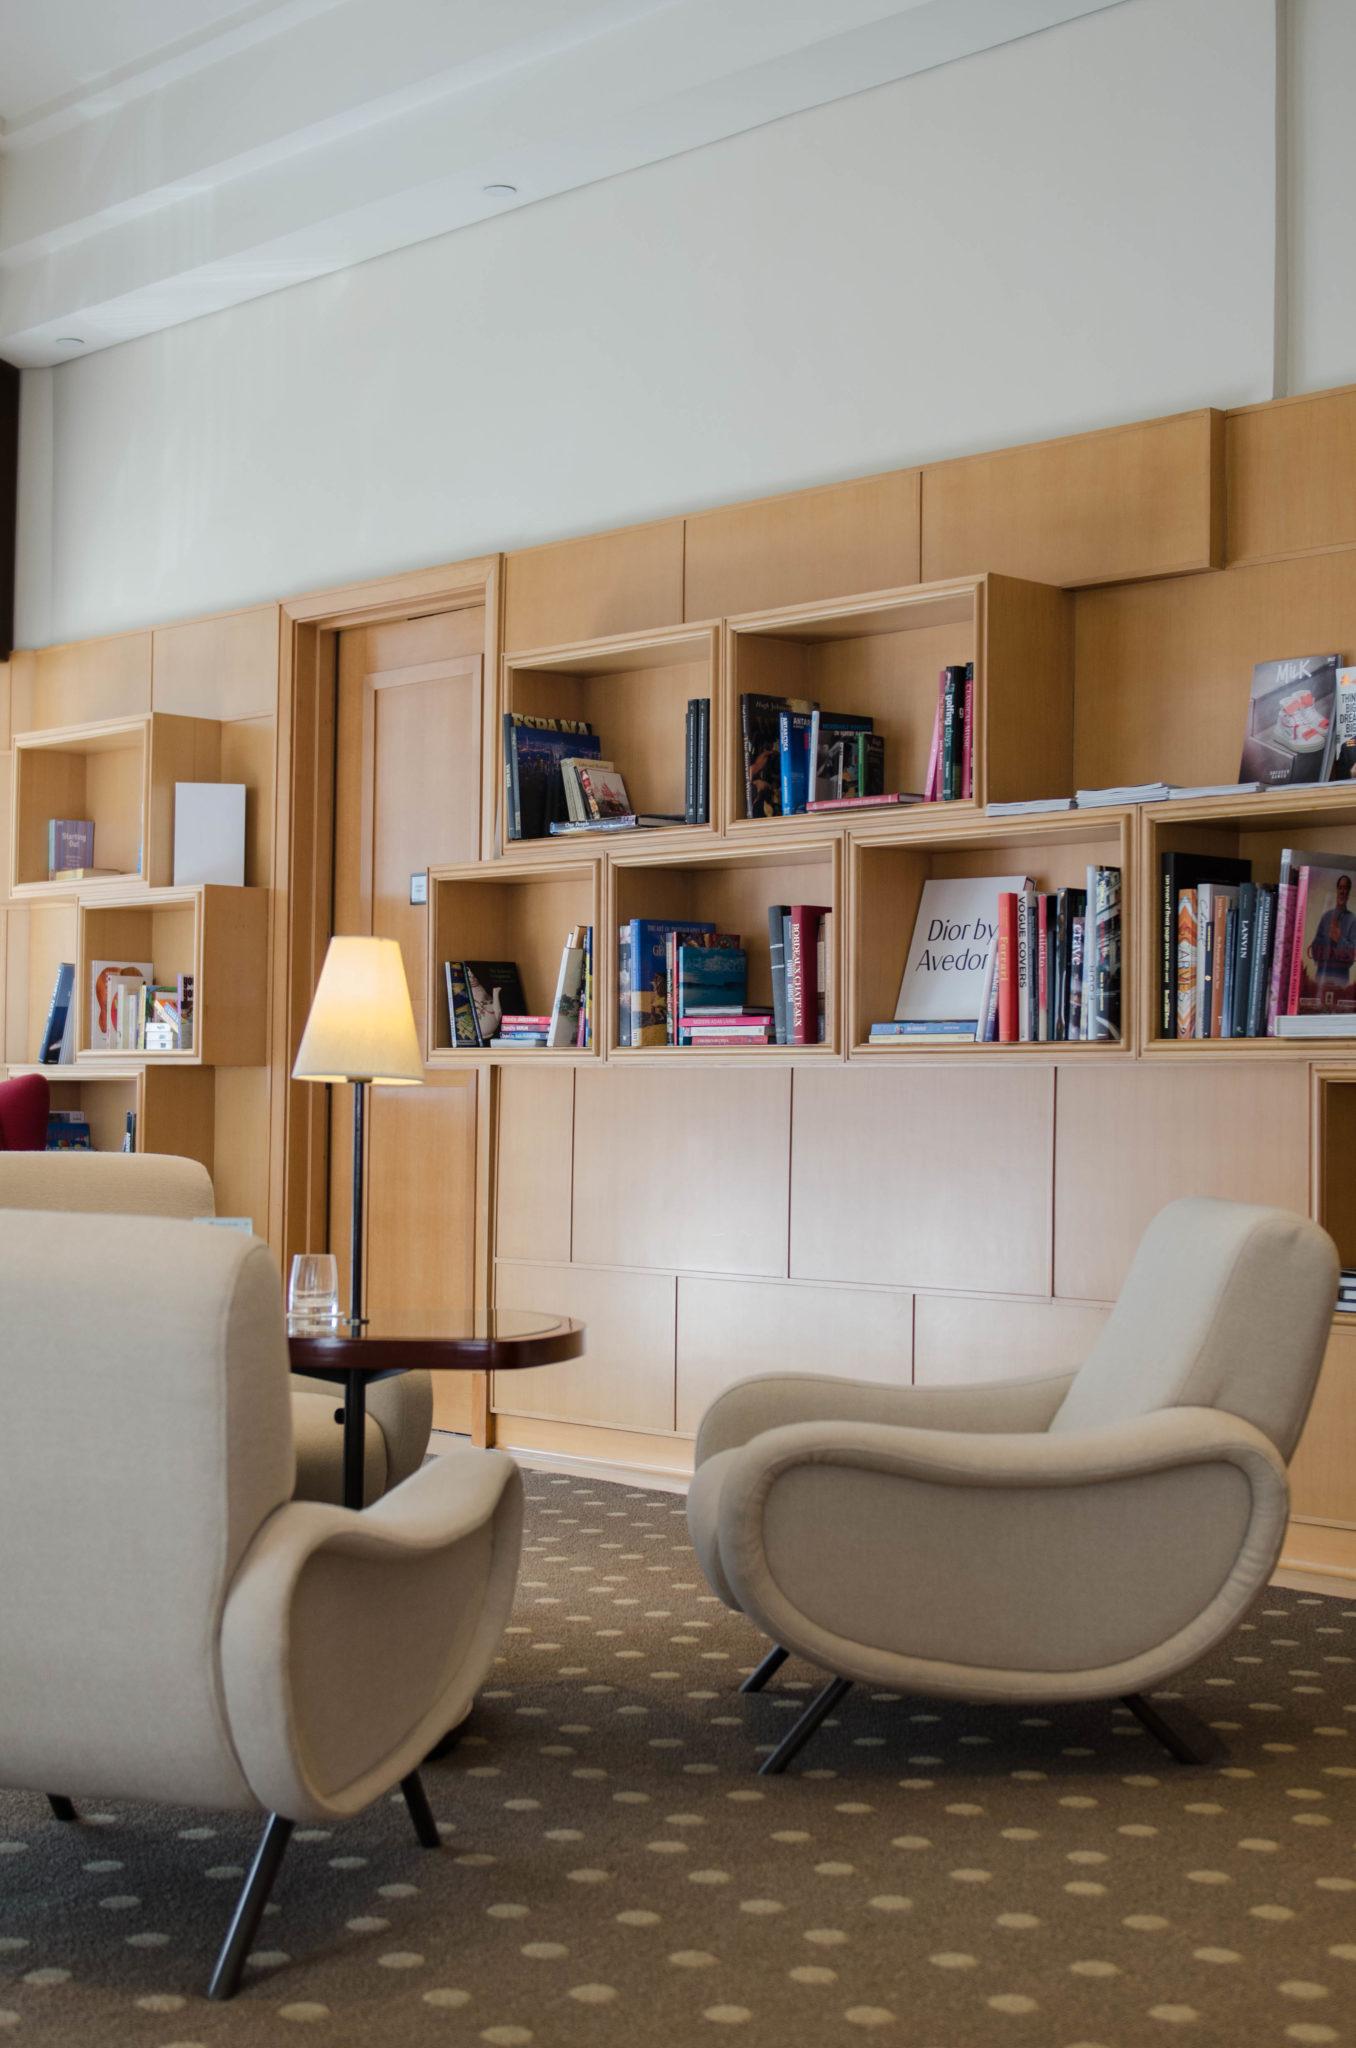 Lanson Place Hotel Hongkong: Die Bibliothek ist ein toller Ort zum Verweilen